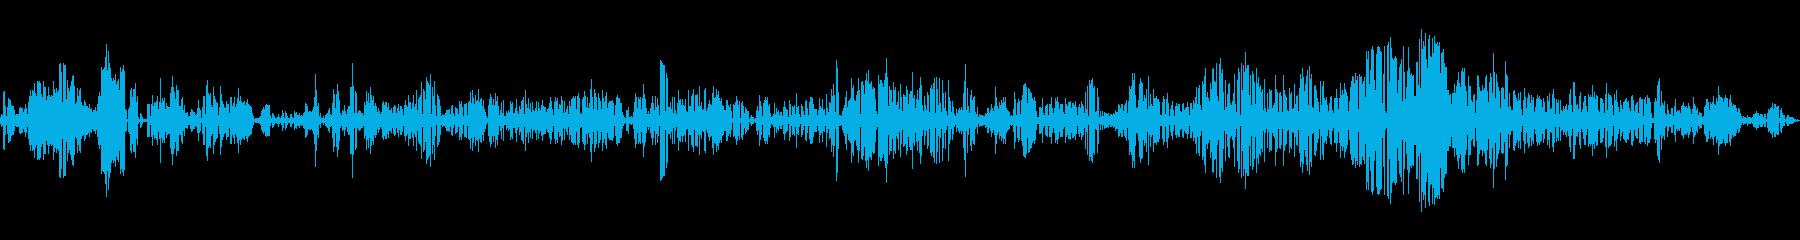 静的な無線歪みのゆらぎトーンの再生済みの波形